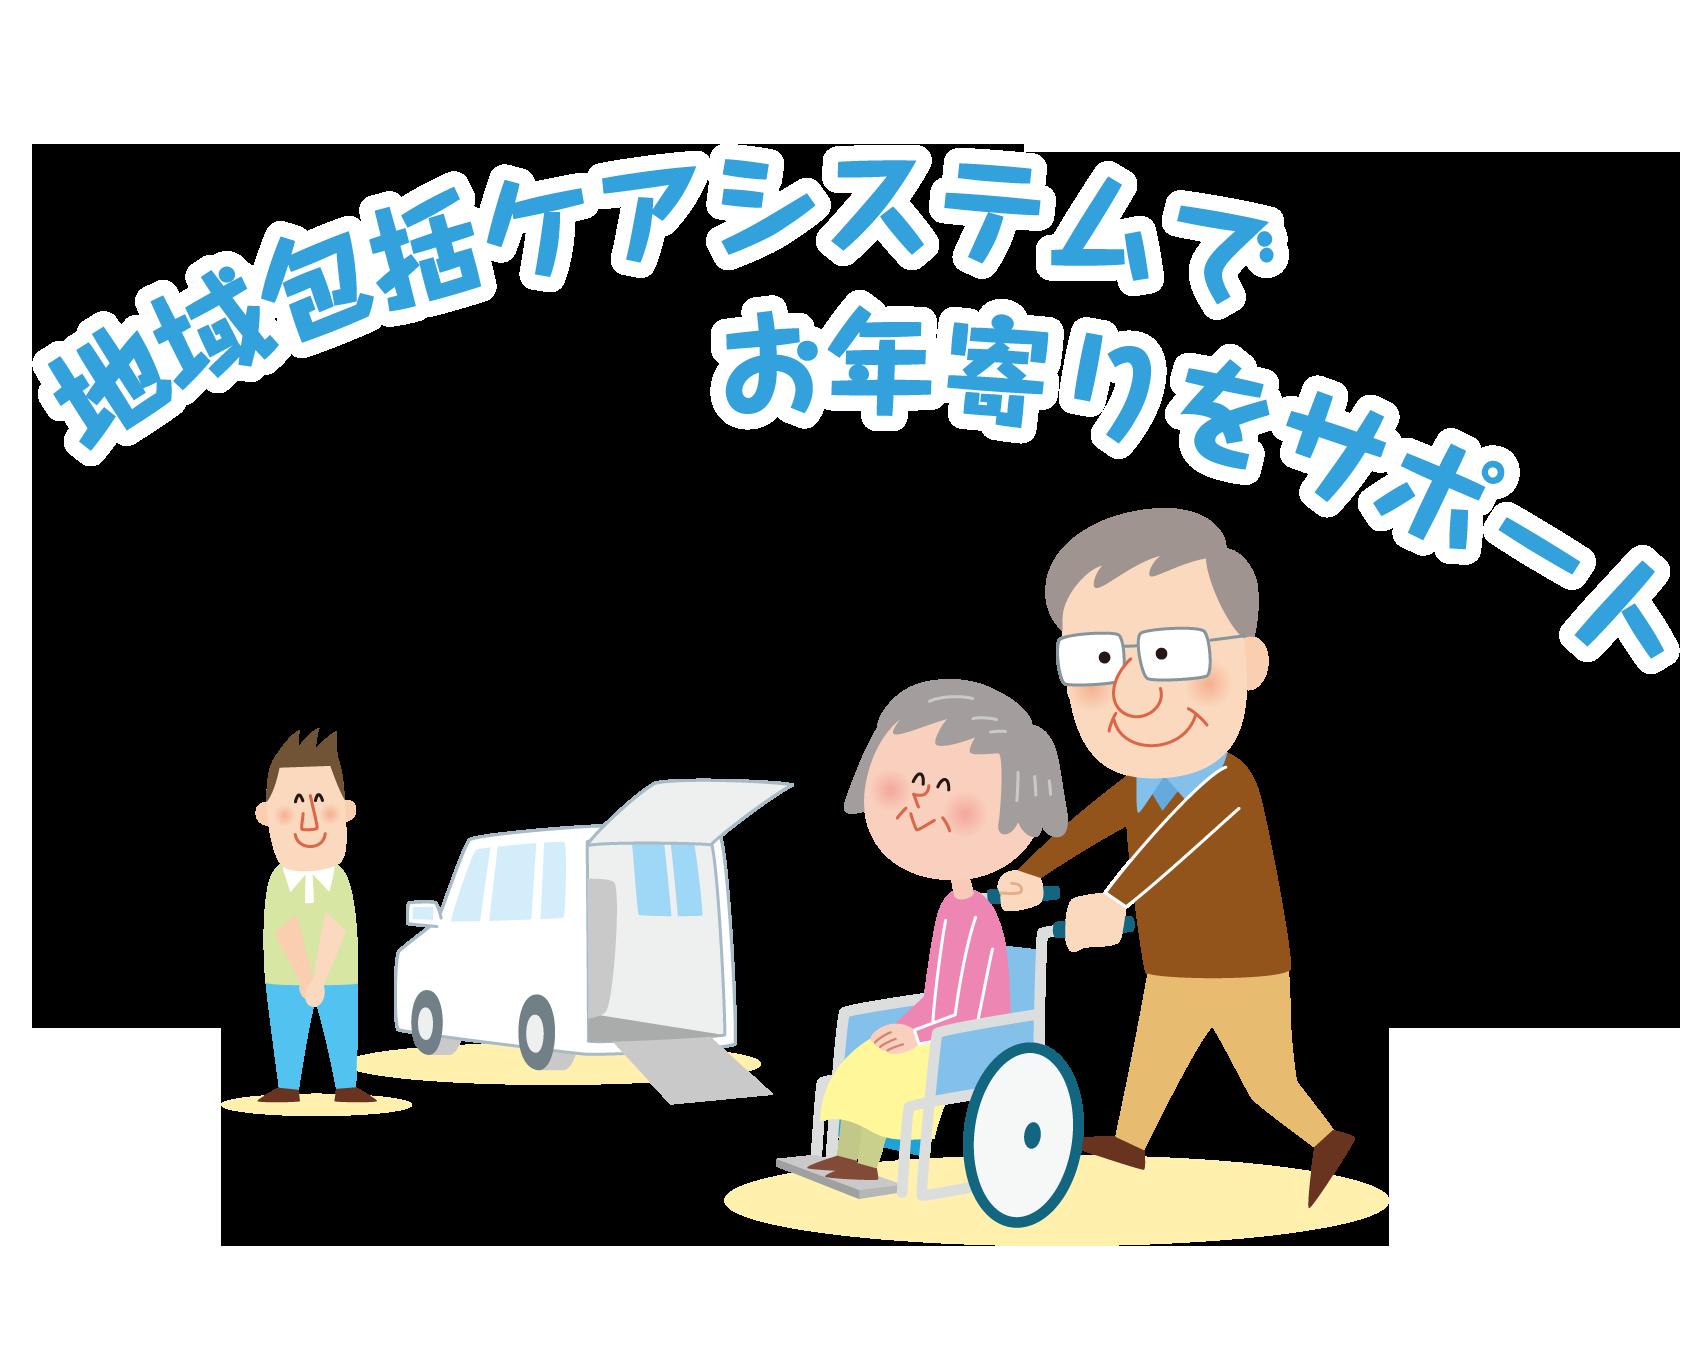 健康長寿日本一を目指します!のイメージ